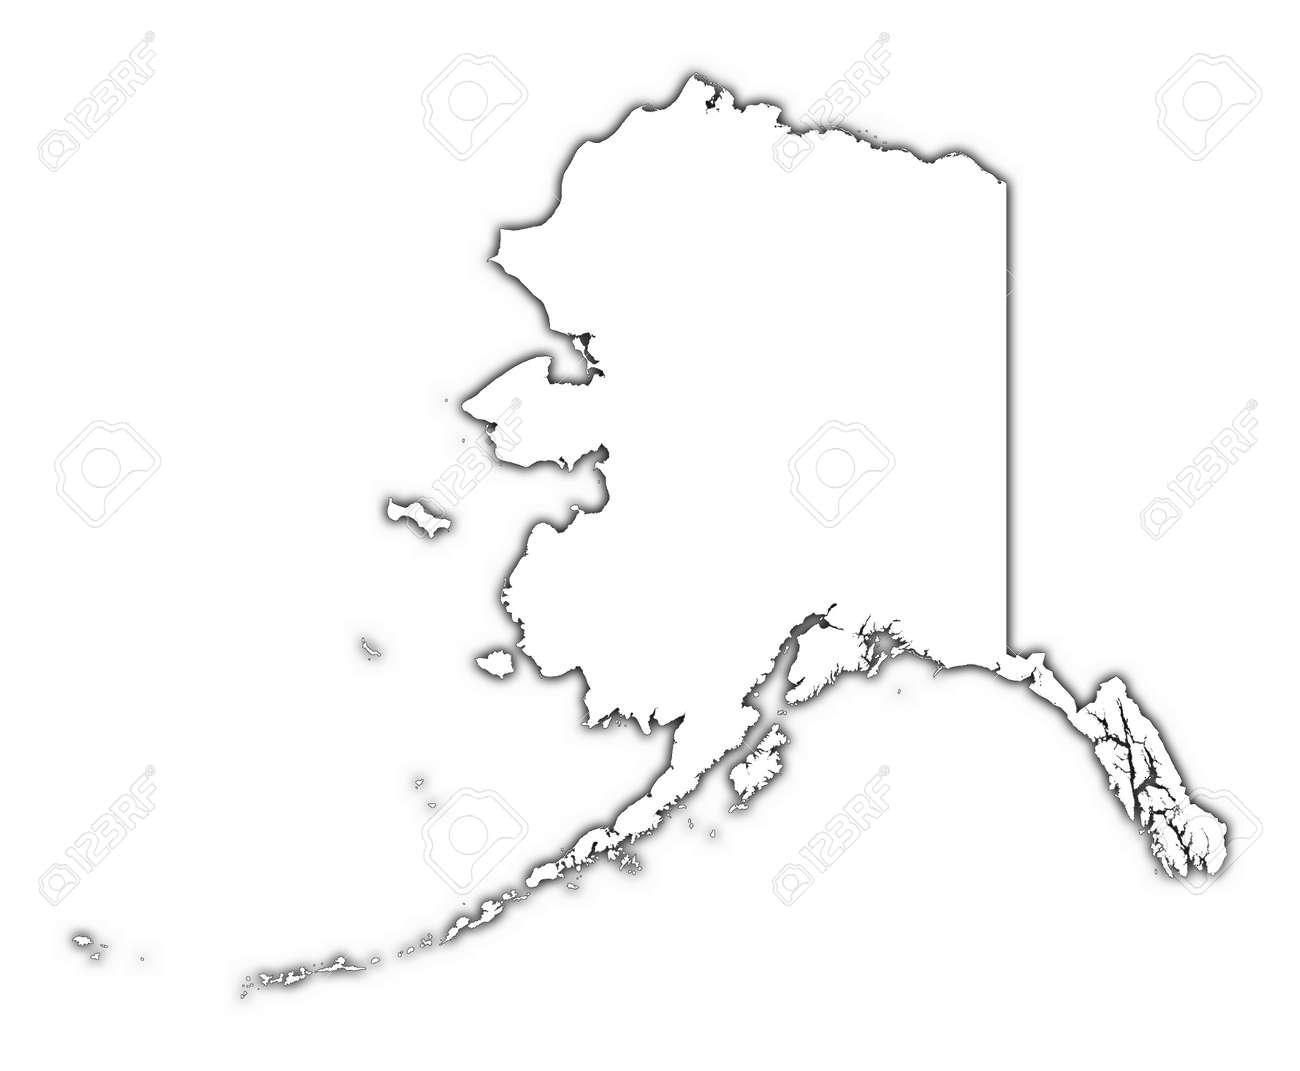 Alaska USA Outline Map With Shadow Detailed Mercator - Usa outline